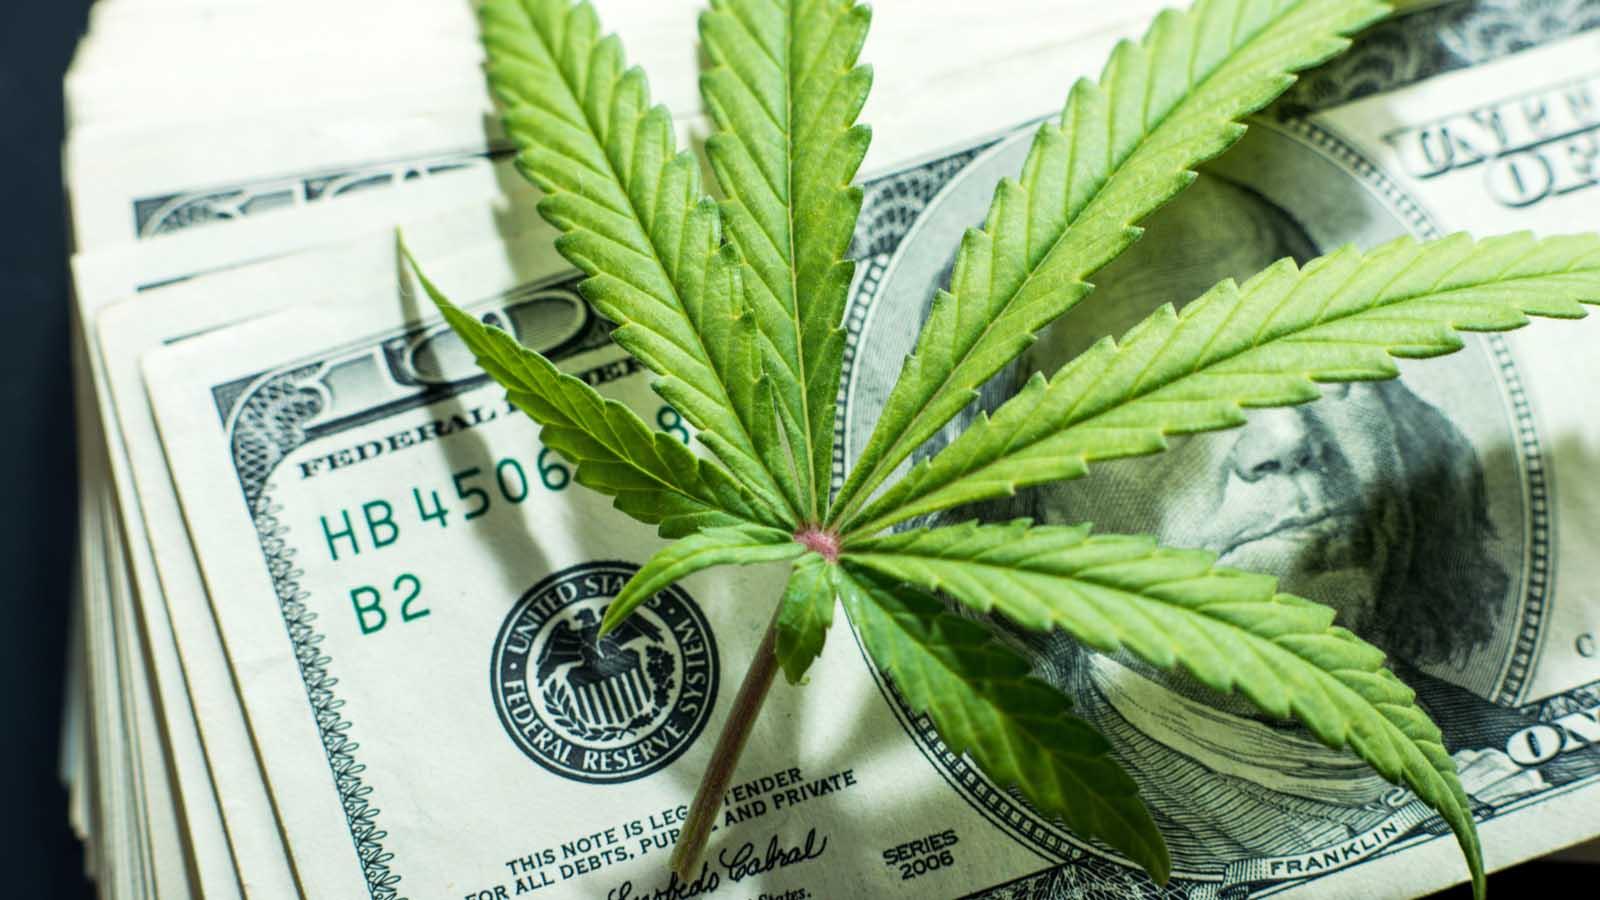 Деньги для растамана марихуана где купить марихуану чехия